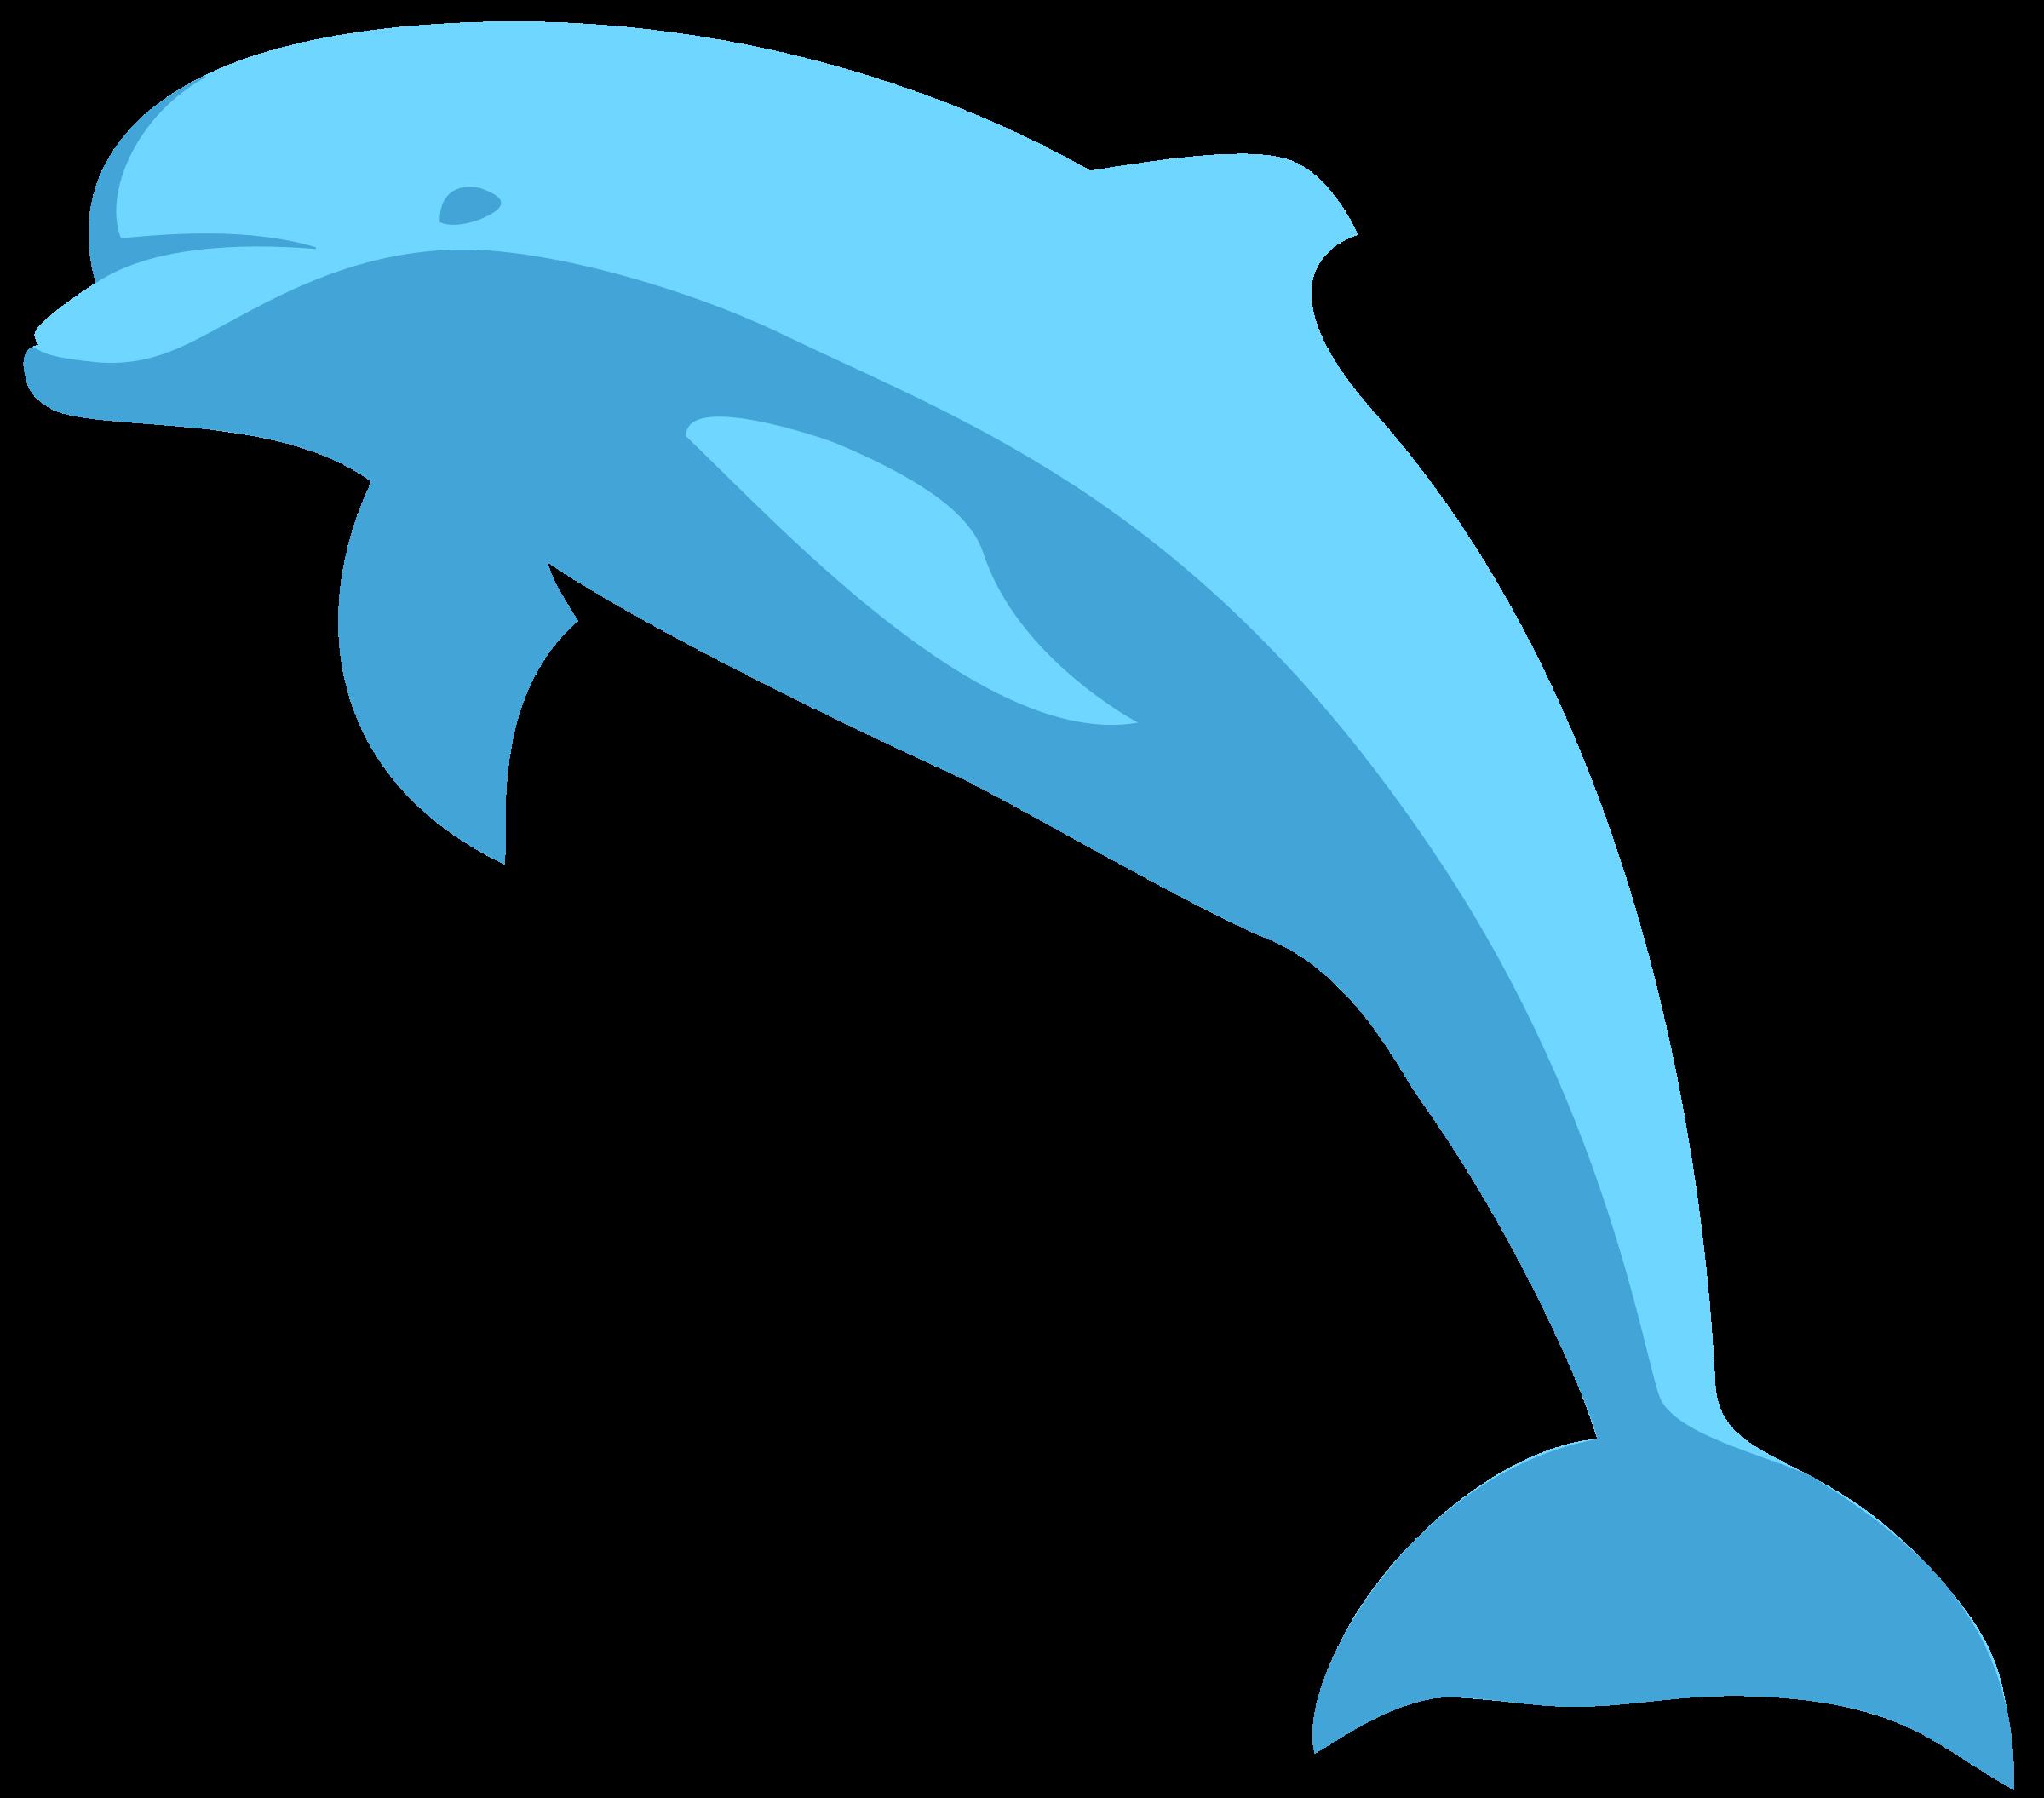 Dolphin clipart moving picture. Delphin delfin big image